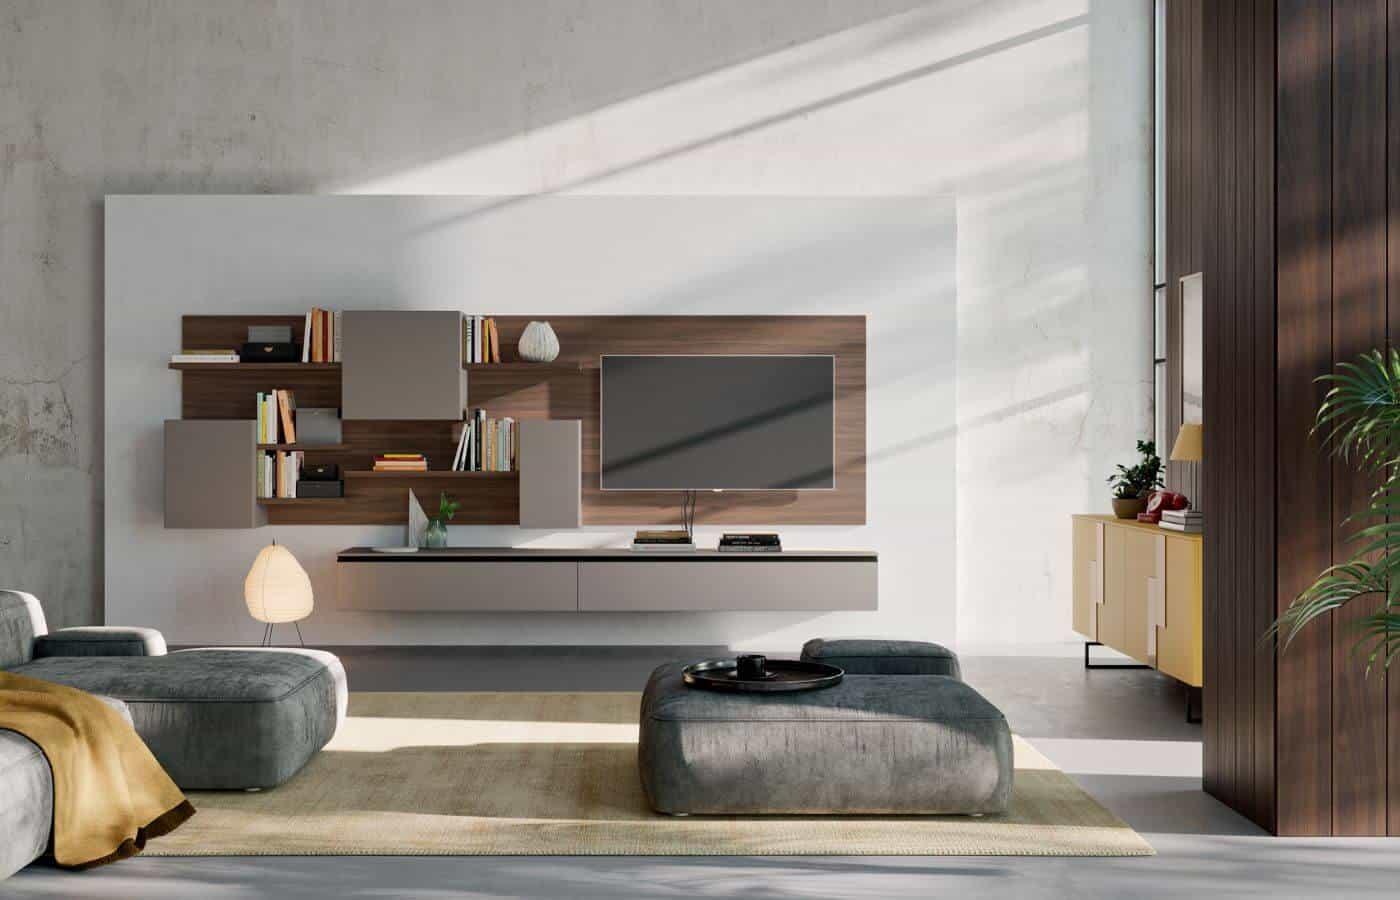 zona-giorno-parete-attrezzata-collezione-santorini-il-mobile (6)